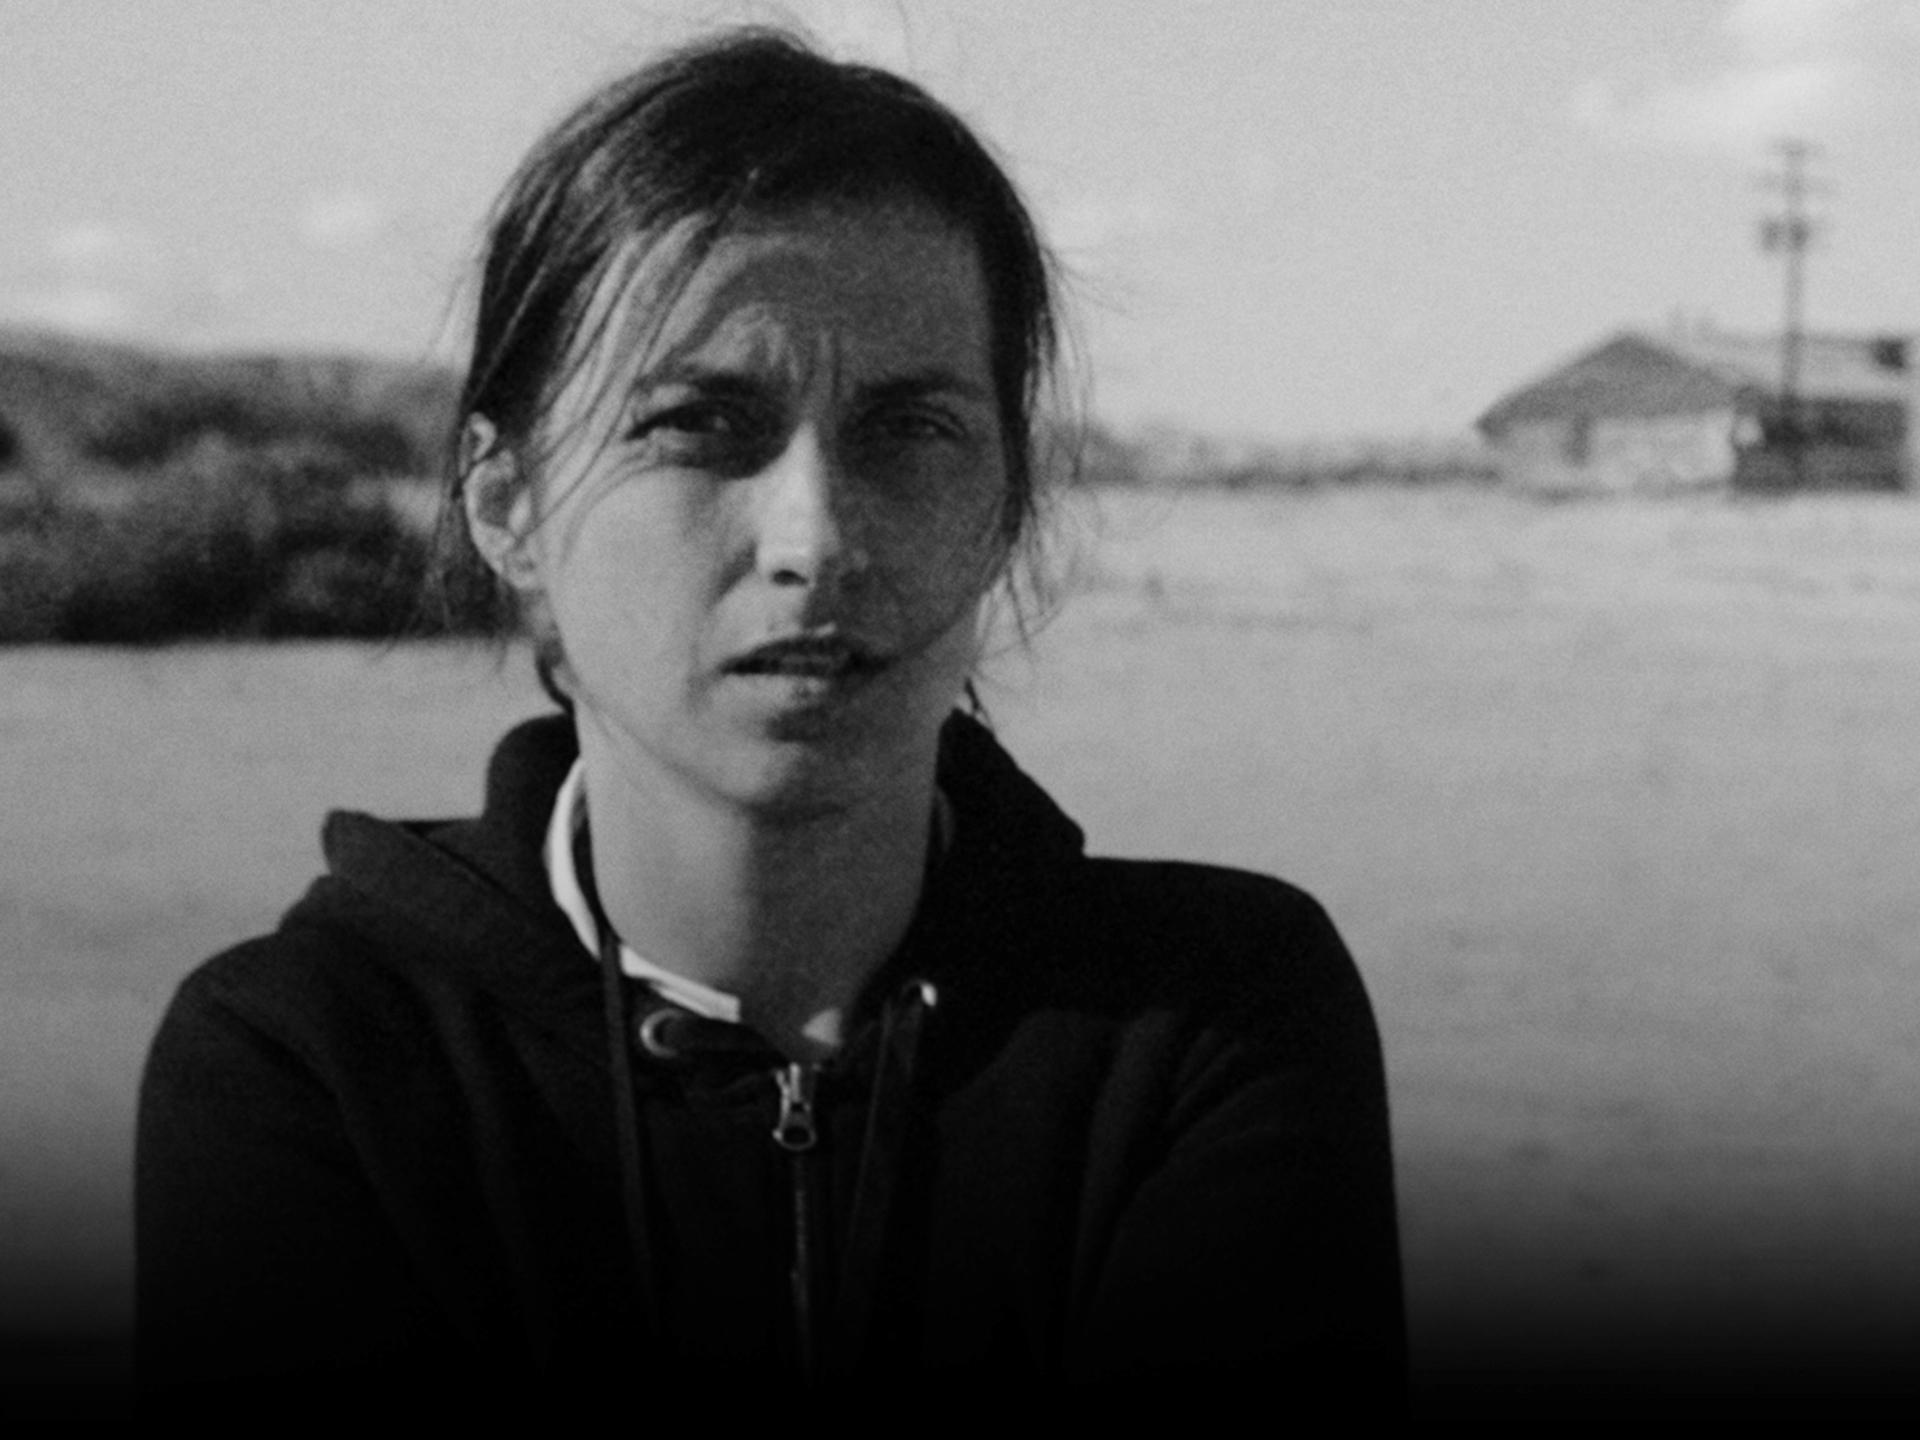 Image of Monika Lenczewska